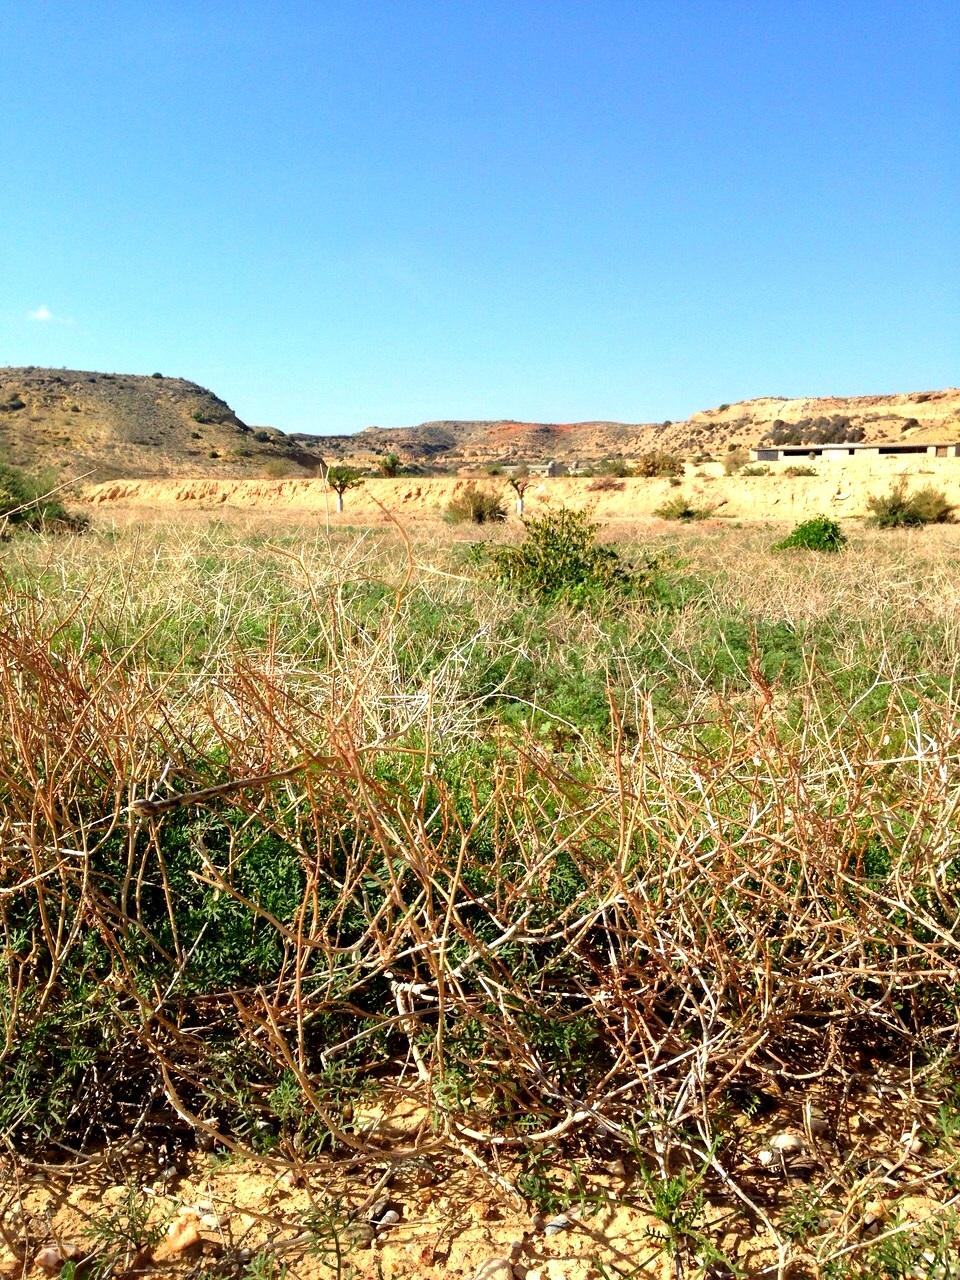 Nueva Instrucción Técnica Sobre Modificaciones del Periodo de Conversión en Producción Ecológica en Andalucía